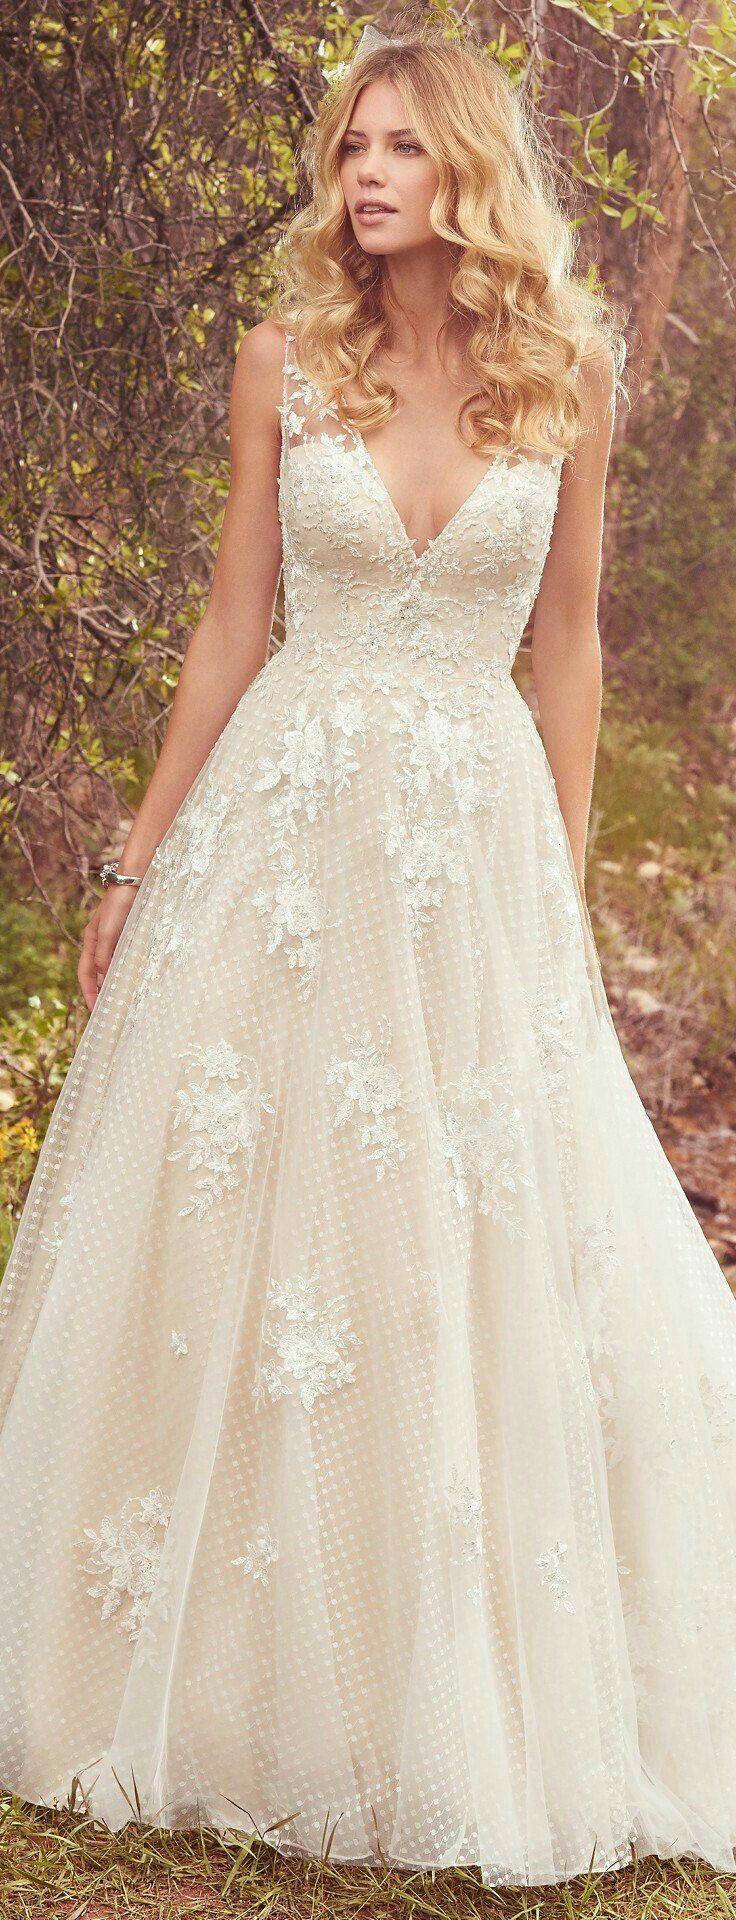 Pingl par susana rivas sur bodas pinterest robes de for Robes de mariage rustiques